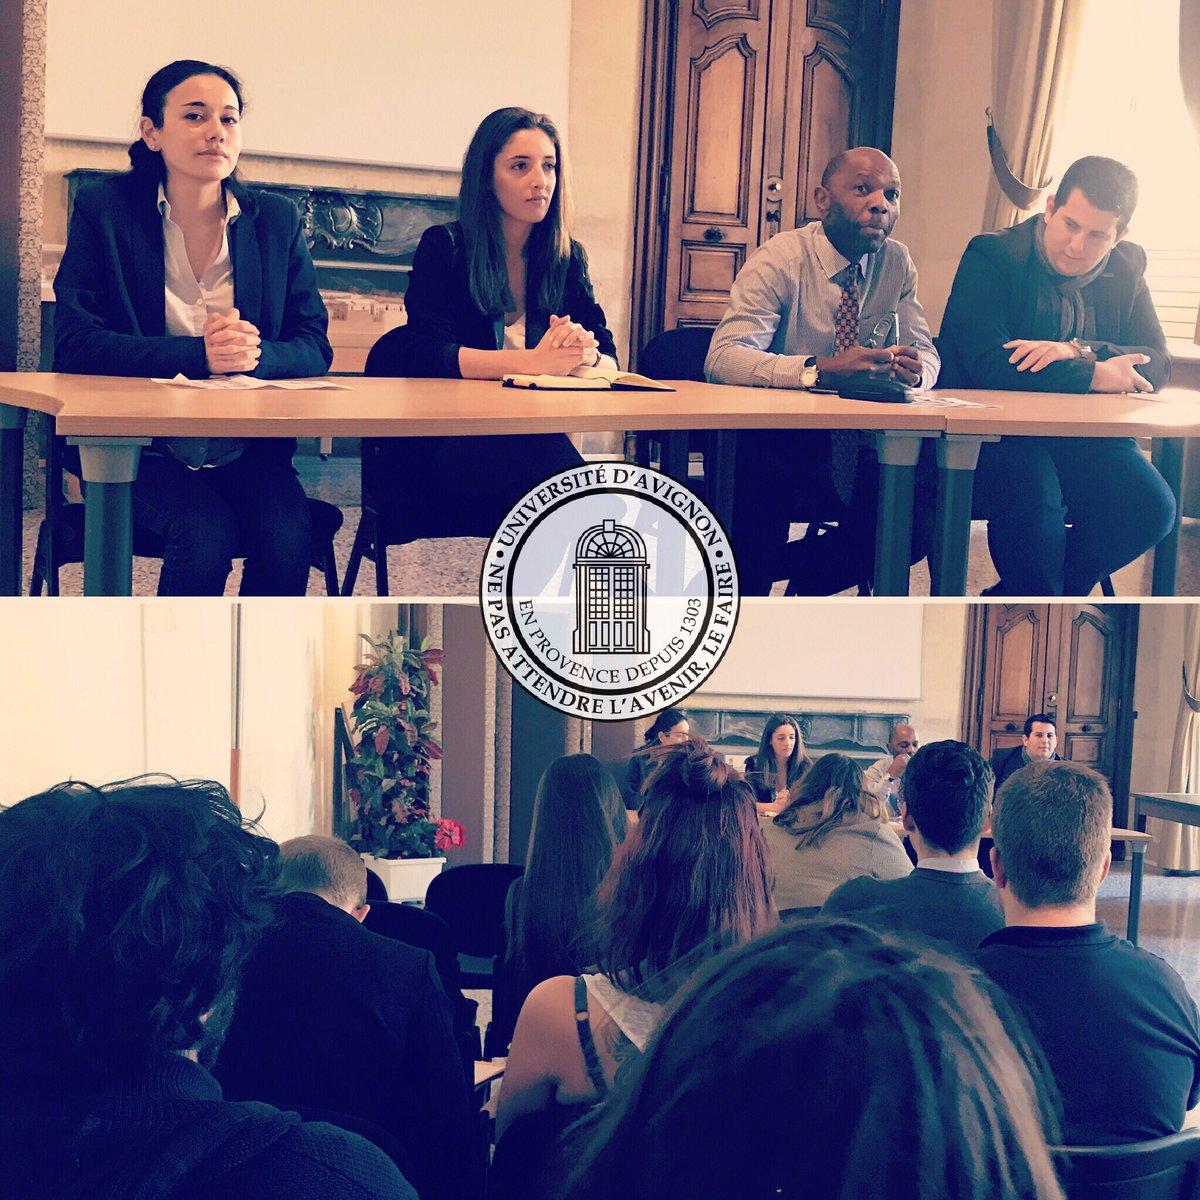 #EnDirect Conférence de presse de La Semaine de l'#Égalité et de la #Tolérance  Du 3 au 7 avril à l&#39;#université D&#39;#Avignon<br>http://pic.twitter.com/jGKCWURUo7